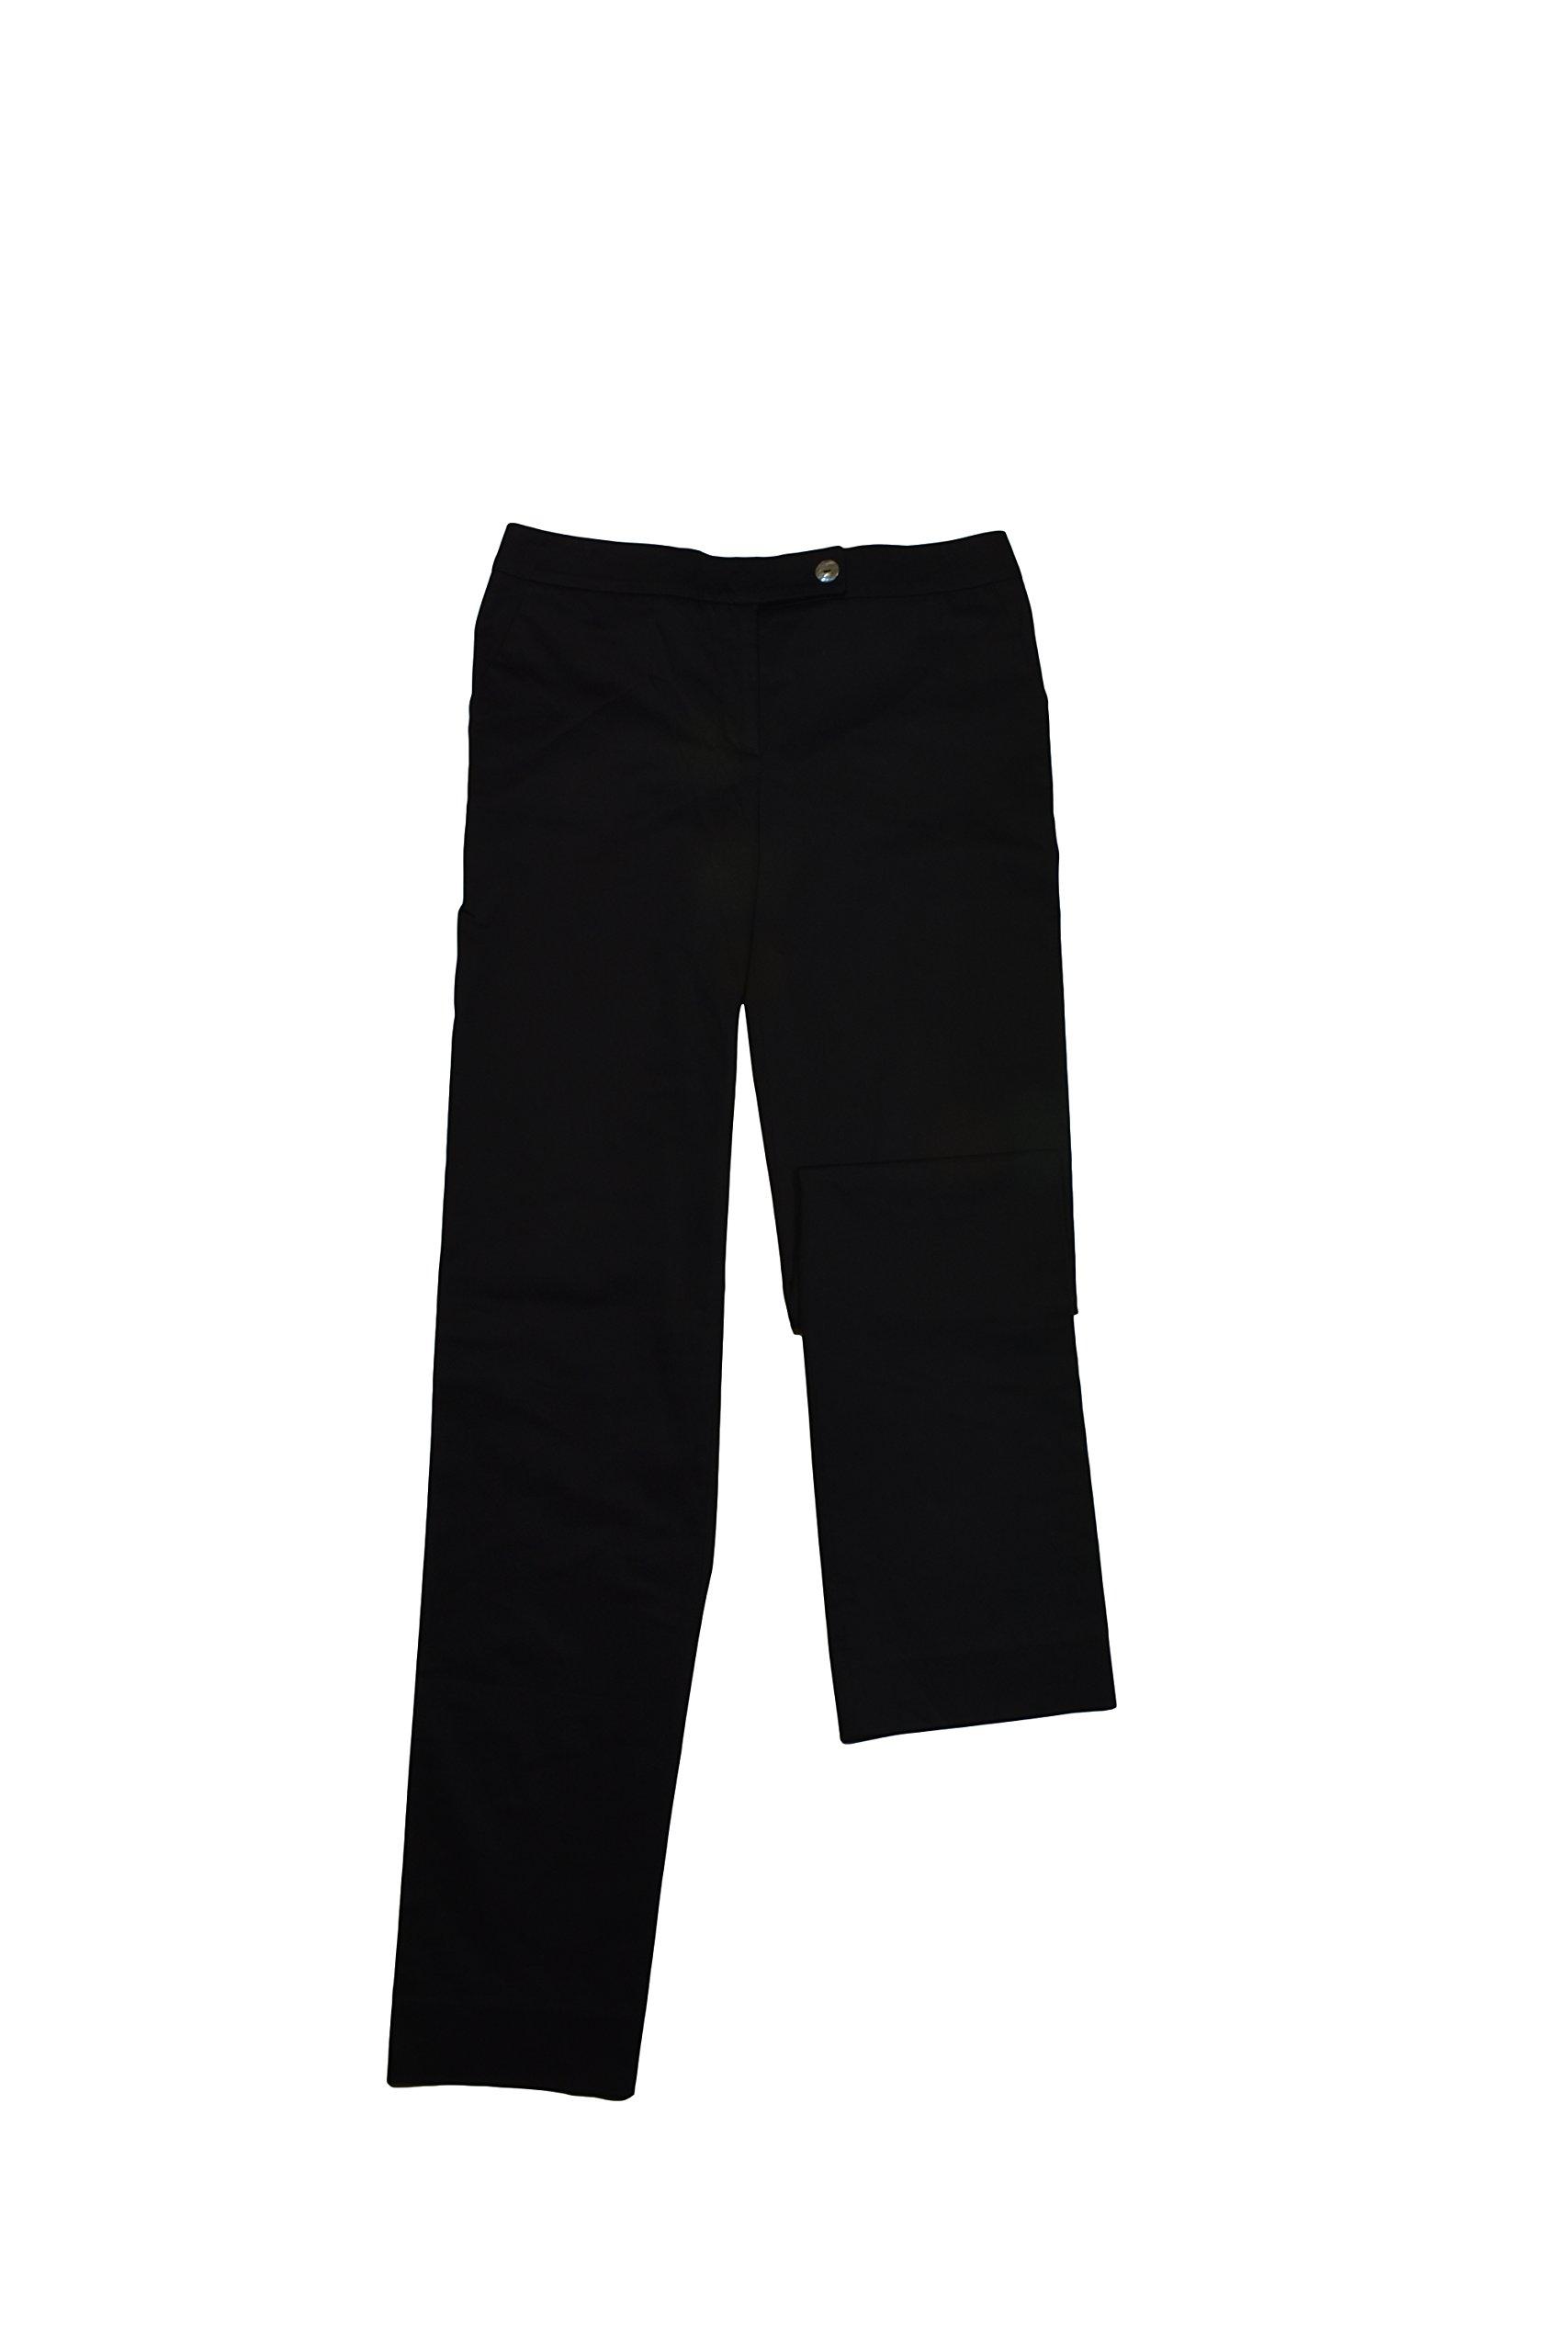 Salvatore Ferragamo Women's Black Cotton Pants Size 6